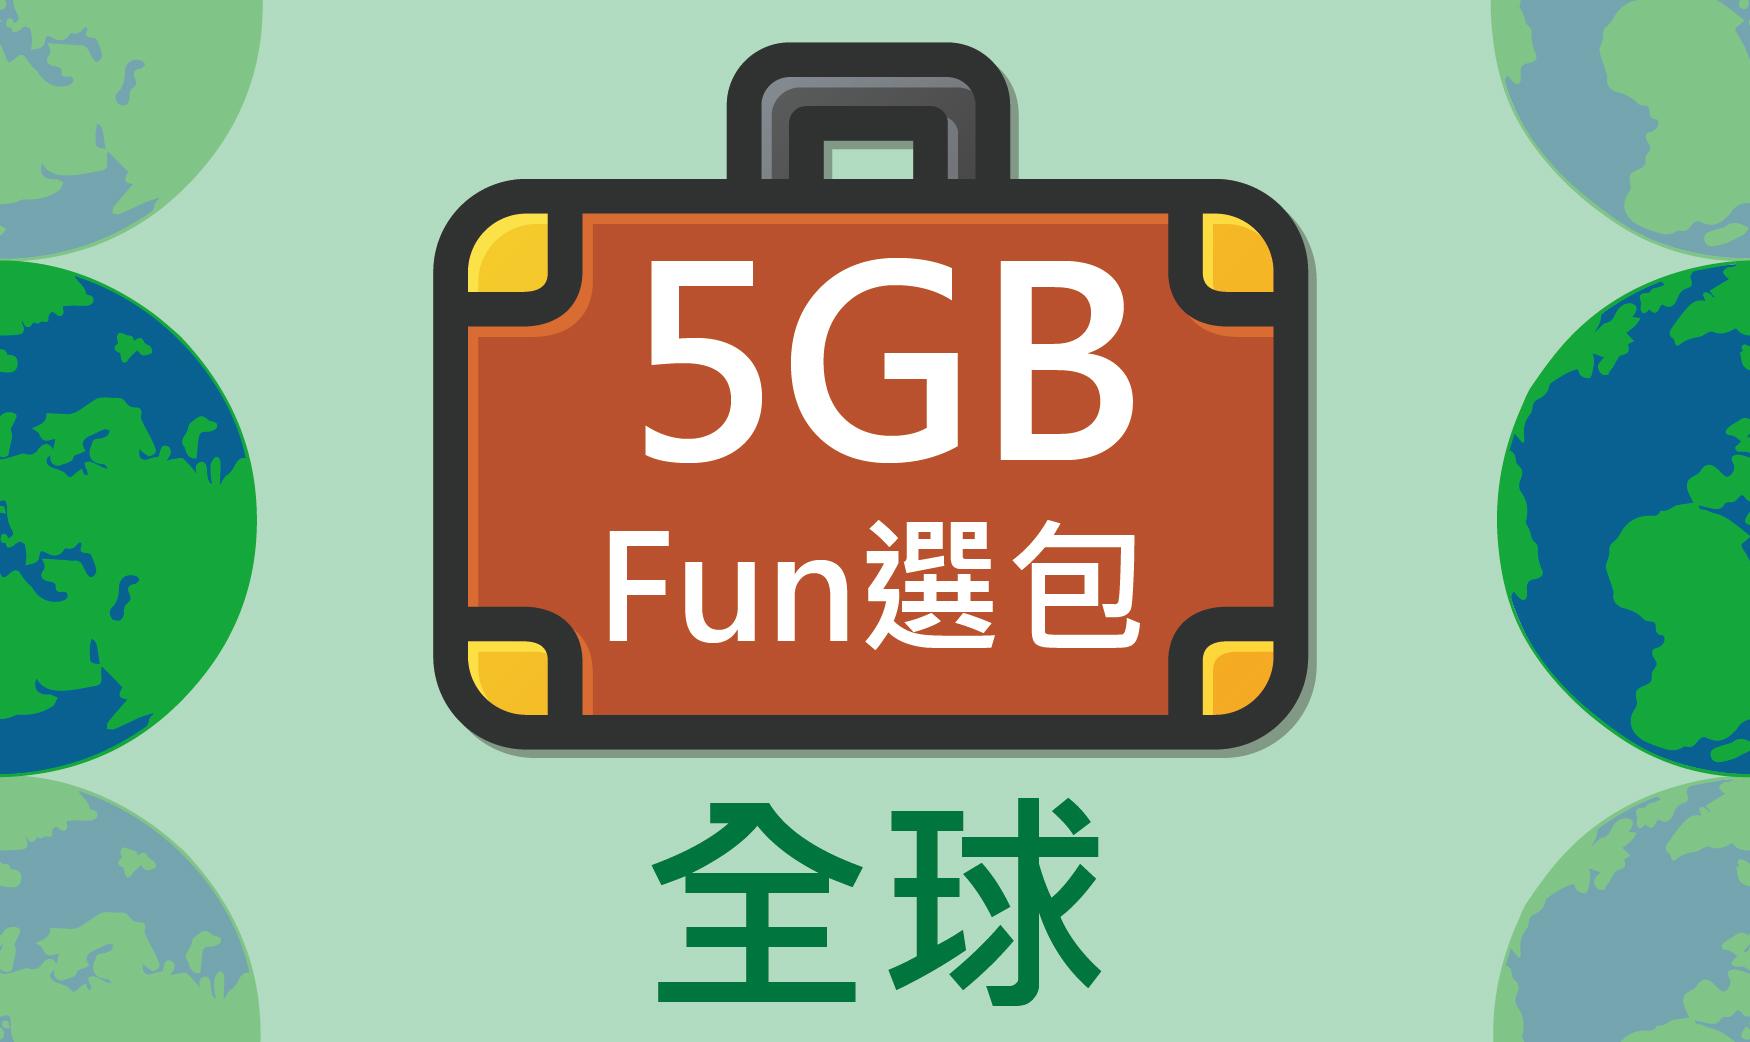 Fun選包全球-5G